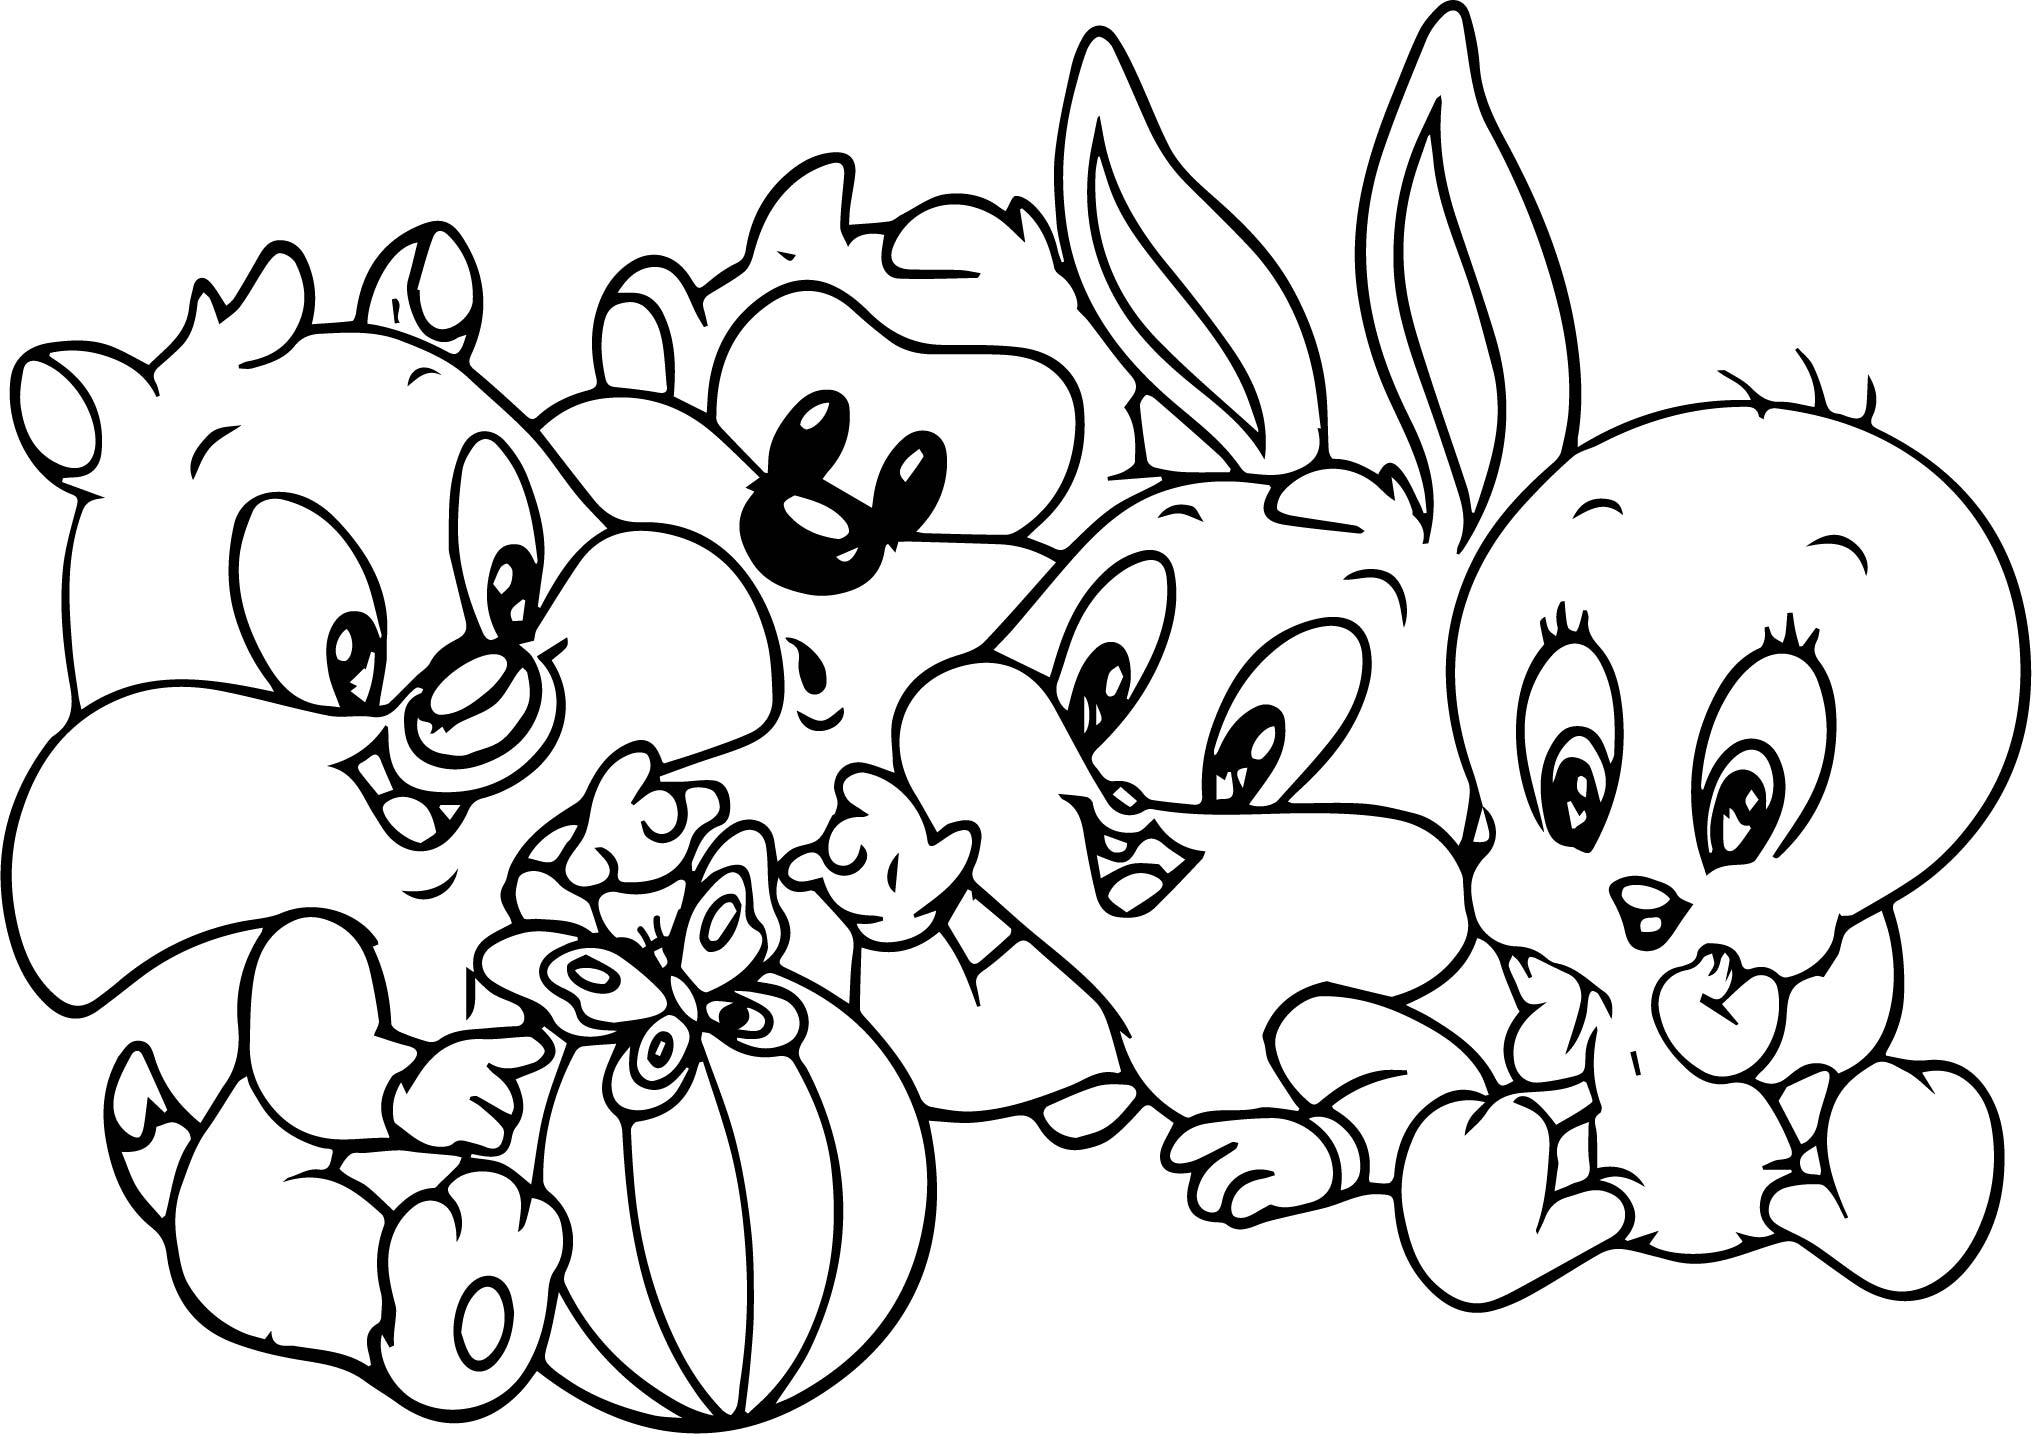 Bugs Bunny Drawing At Getdrawings